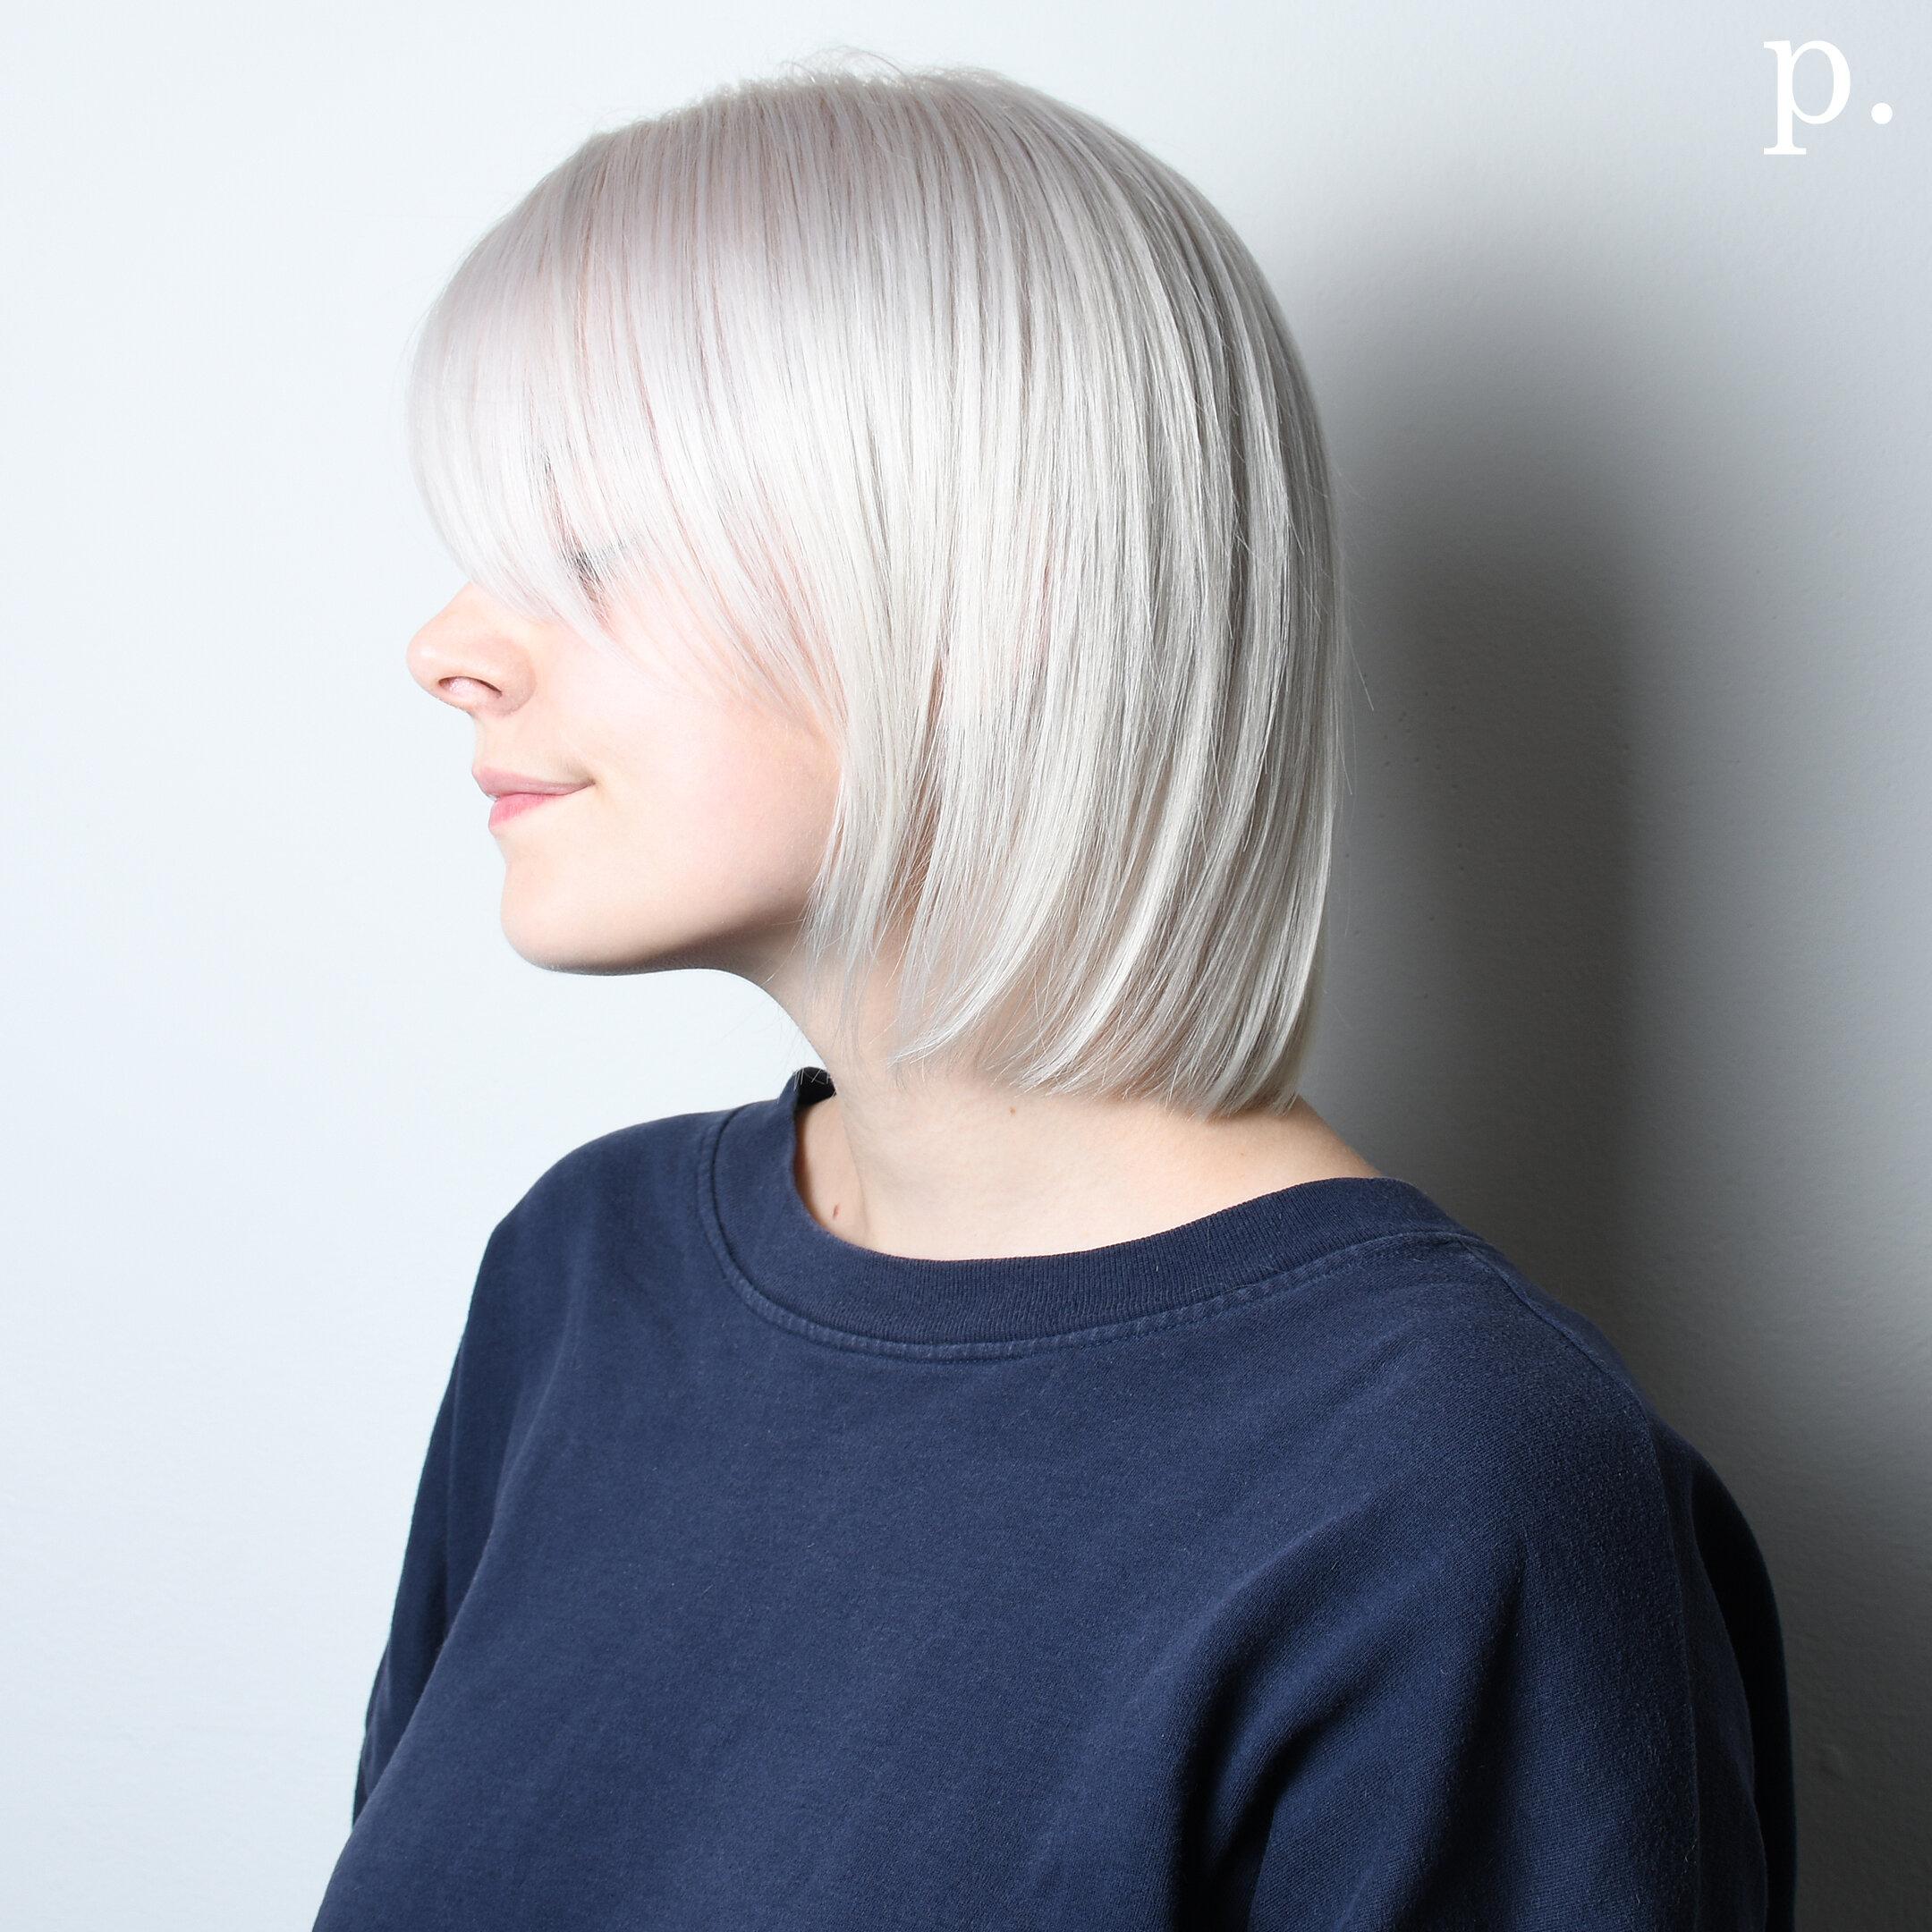 chris_white blonde.jpg